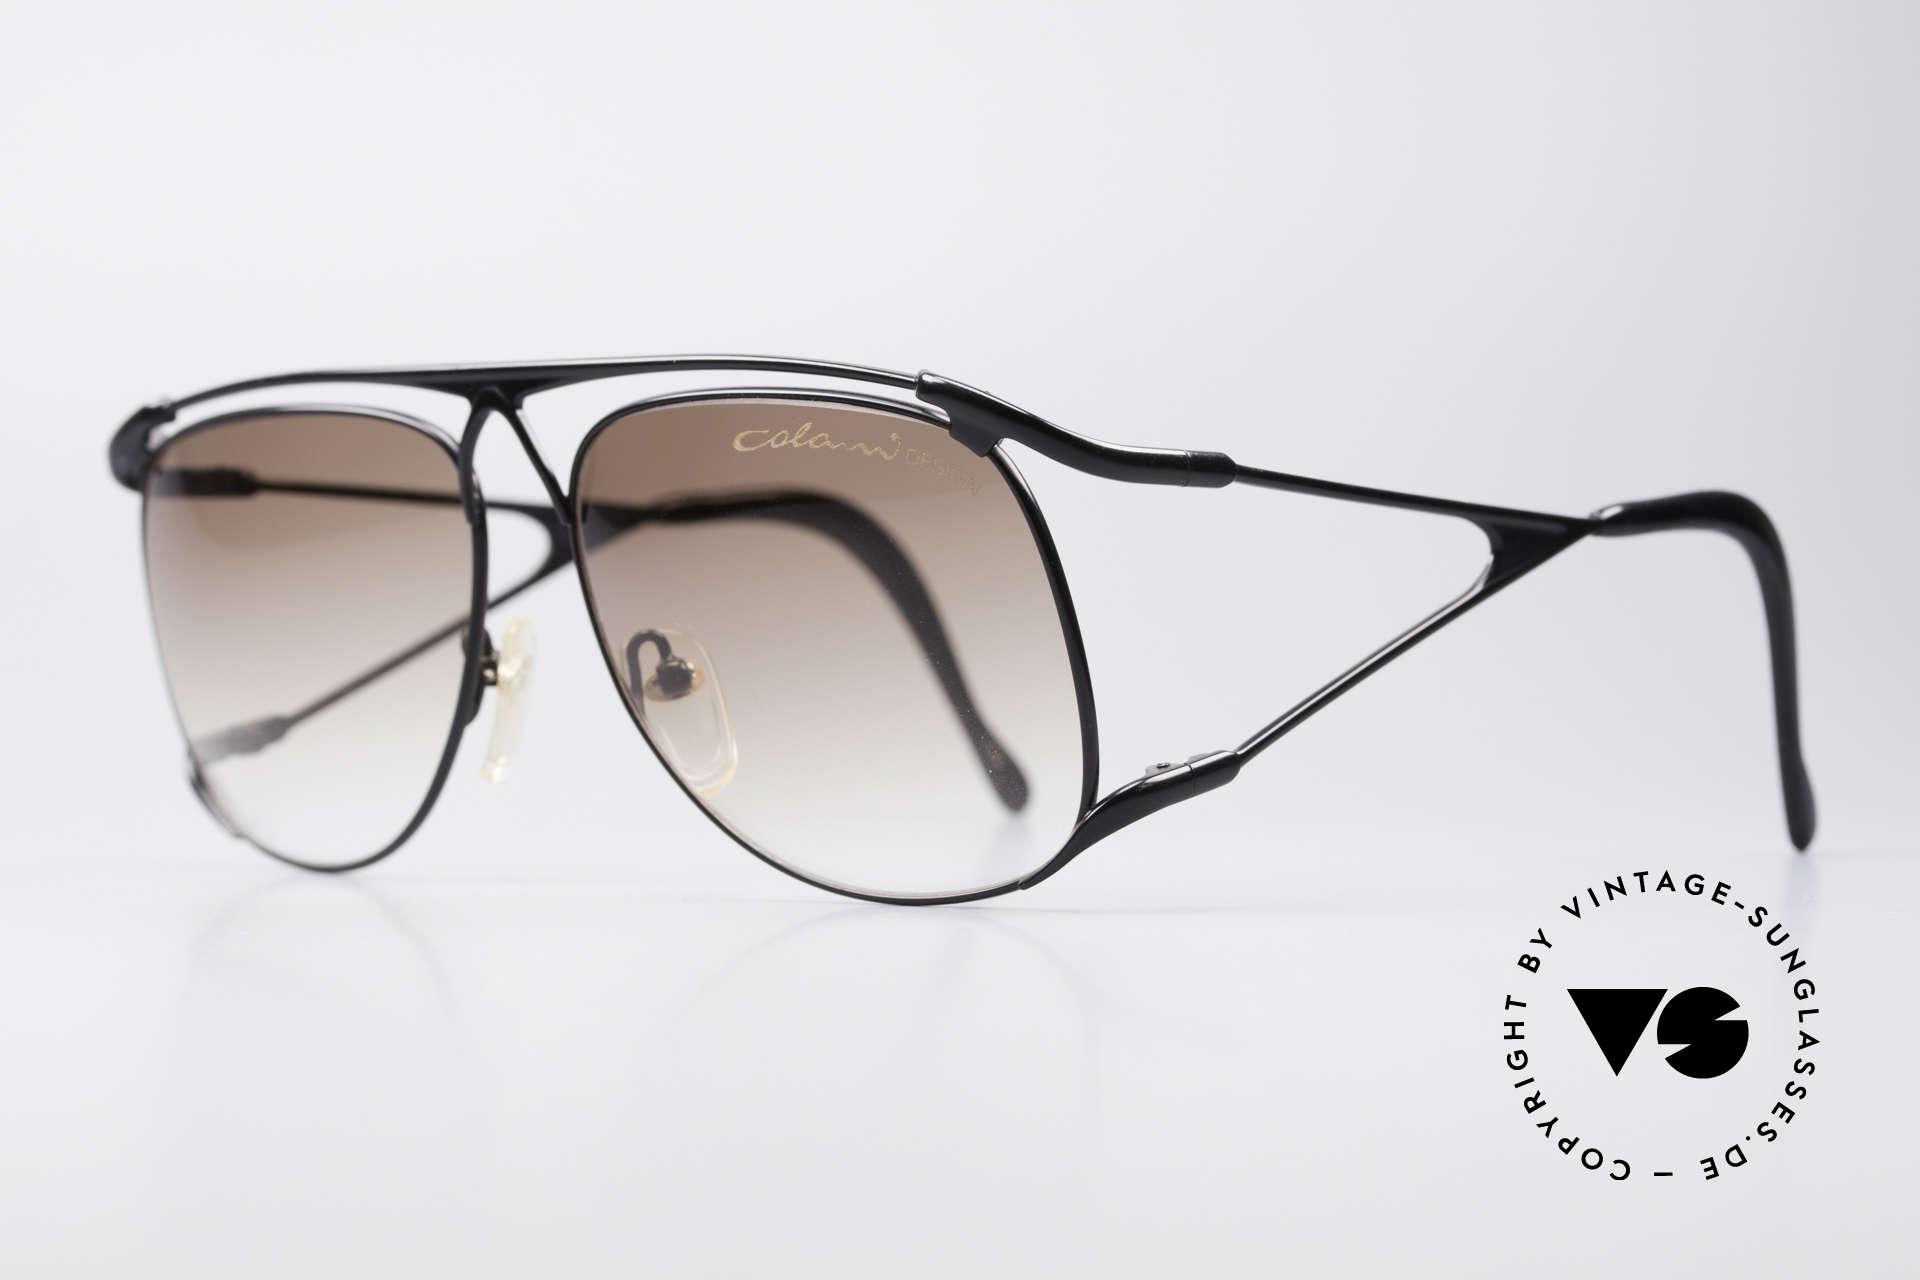 Colani 15-501 Rare 80er Vintage SonnenBrille, spektakuläre Form & Bügel: unverwechselbar Colani, Passend für Herren